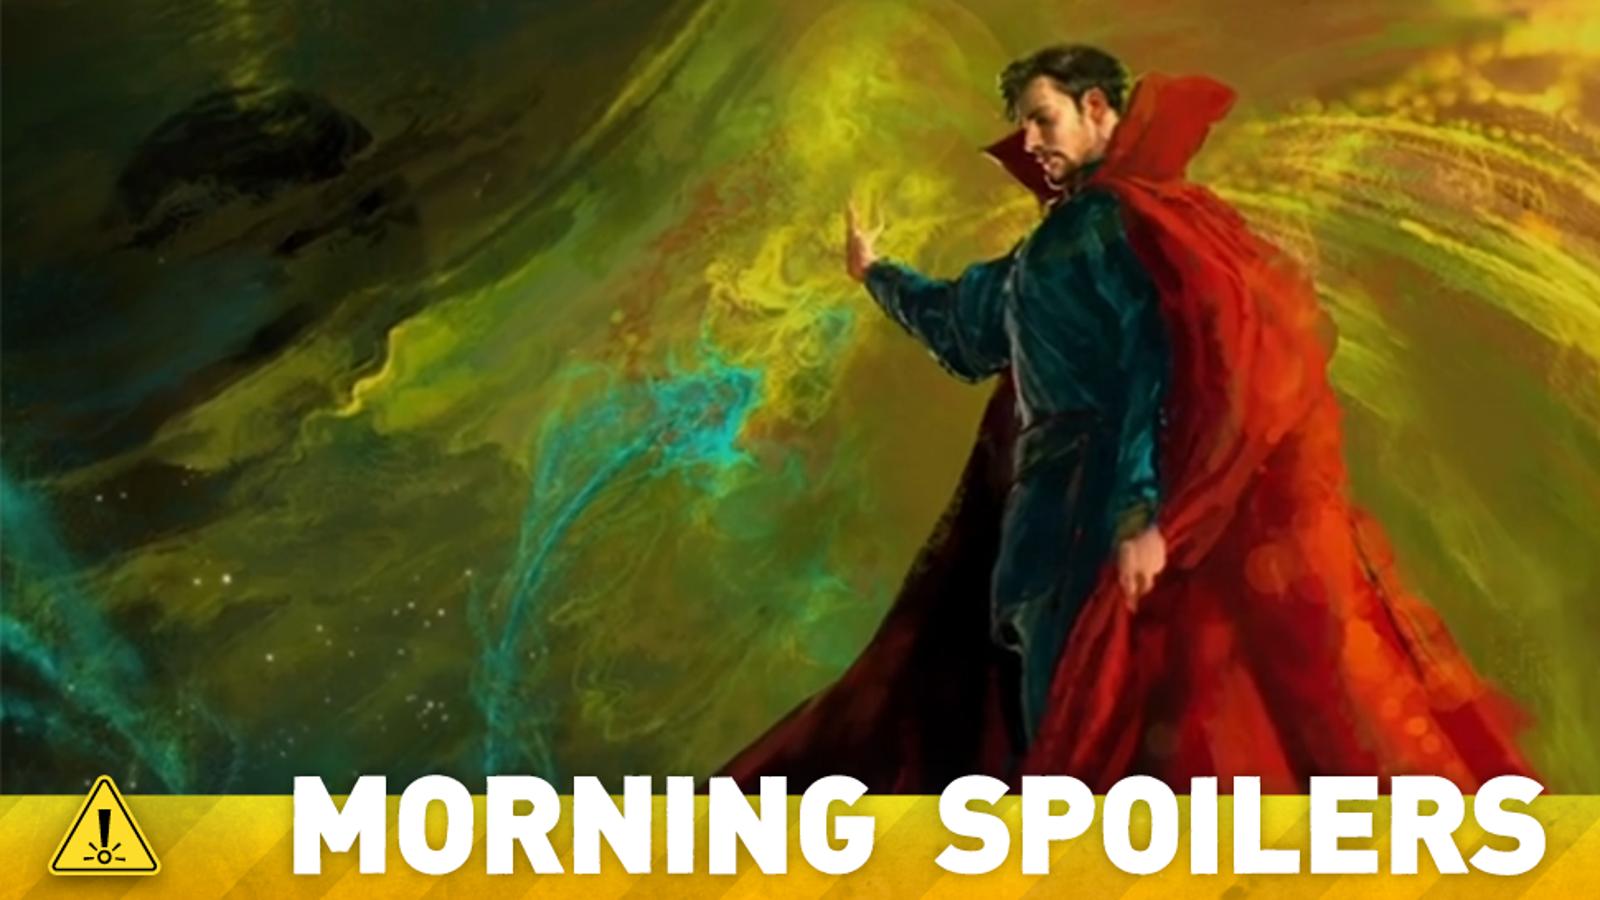 A New Doctor Strange Set Picture Teases Some Major Marvel Mysticism!